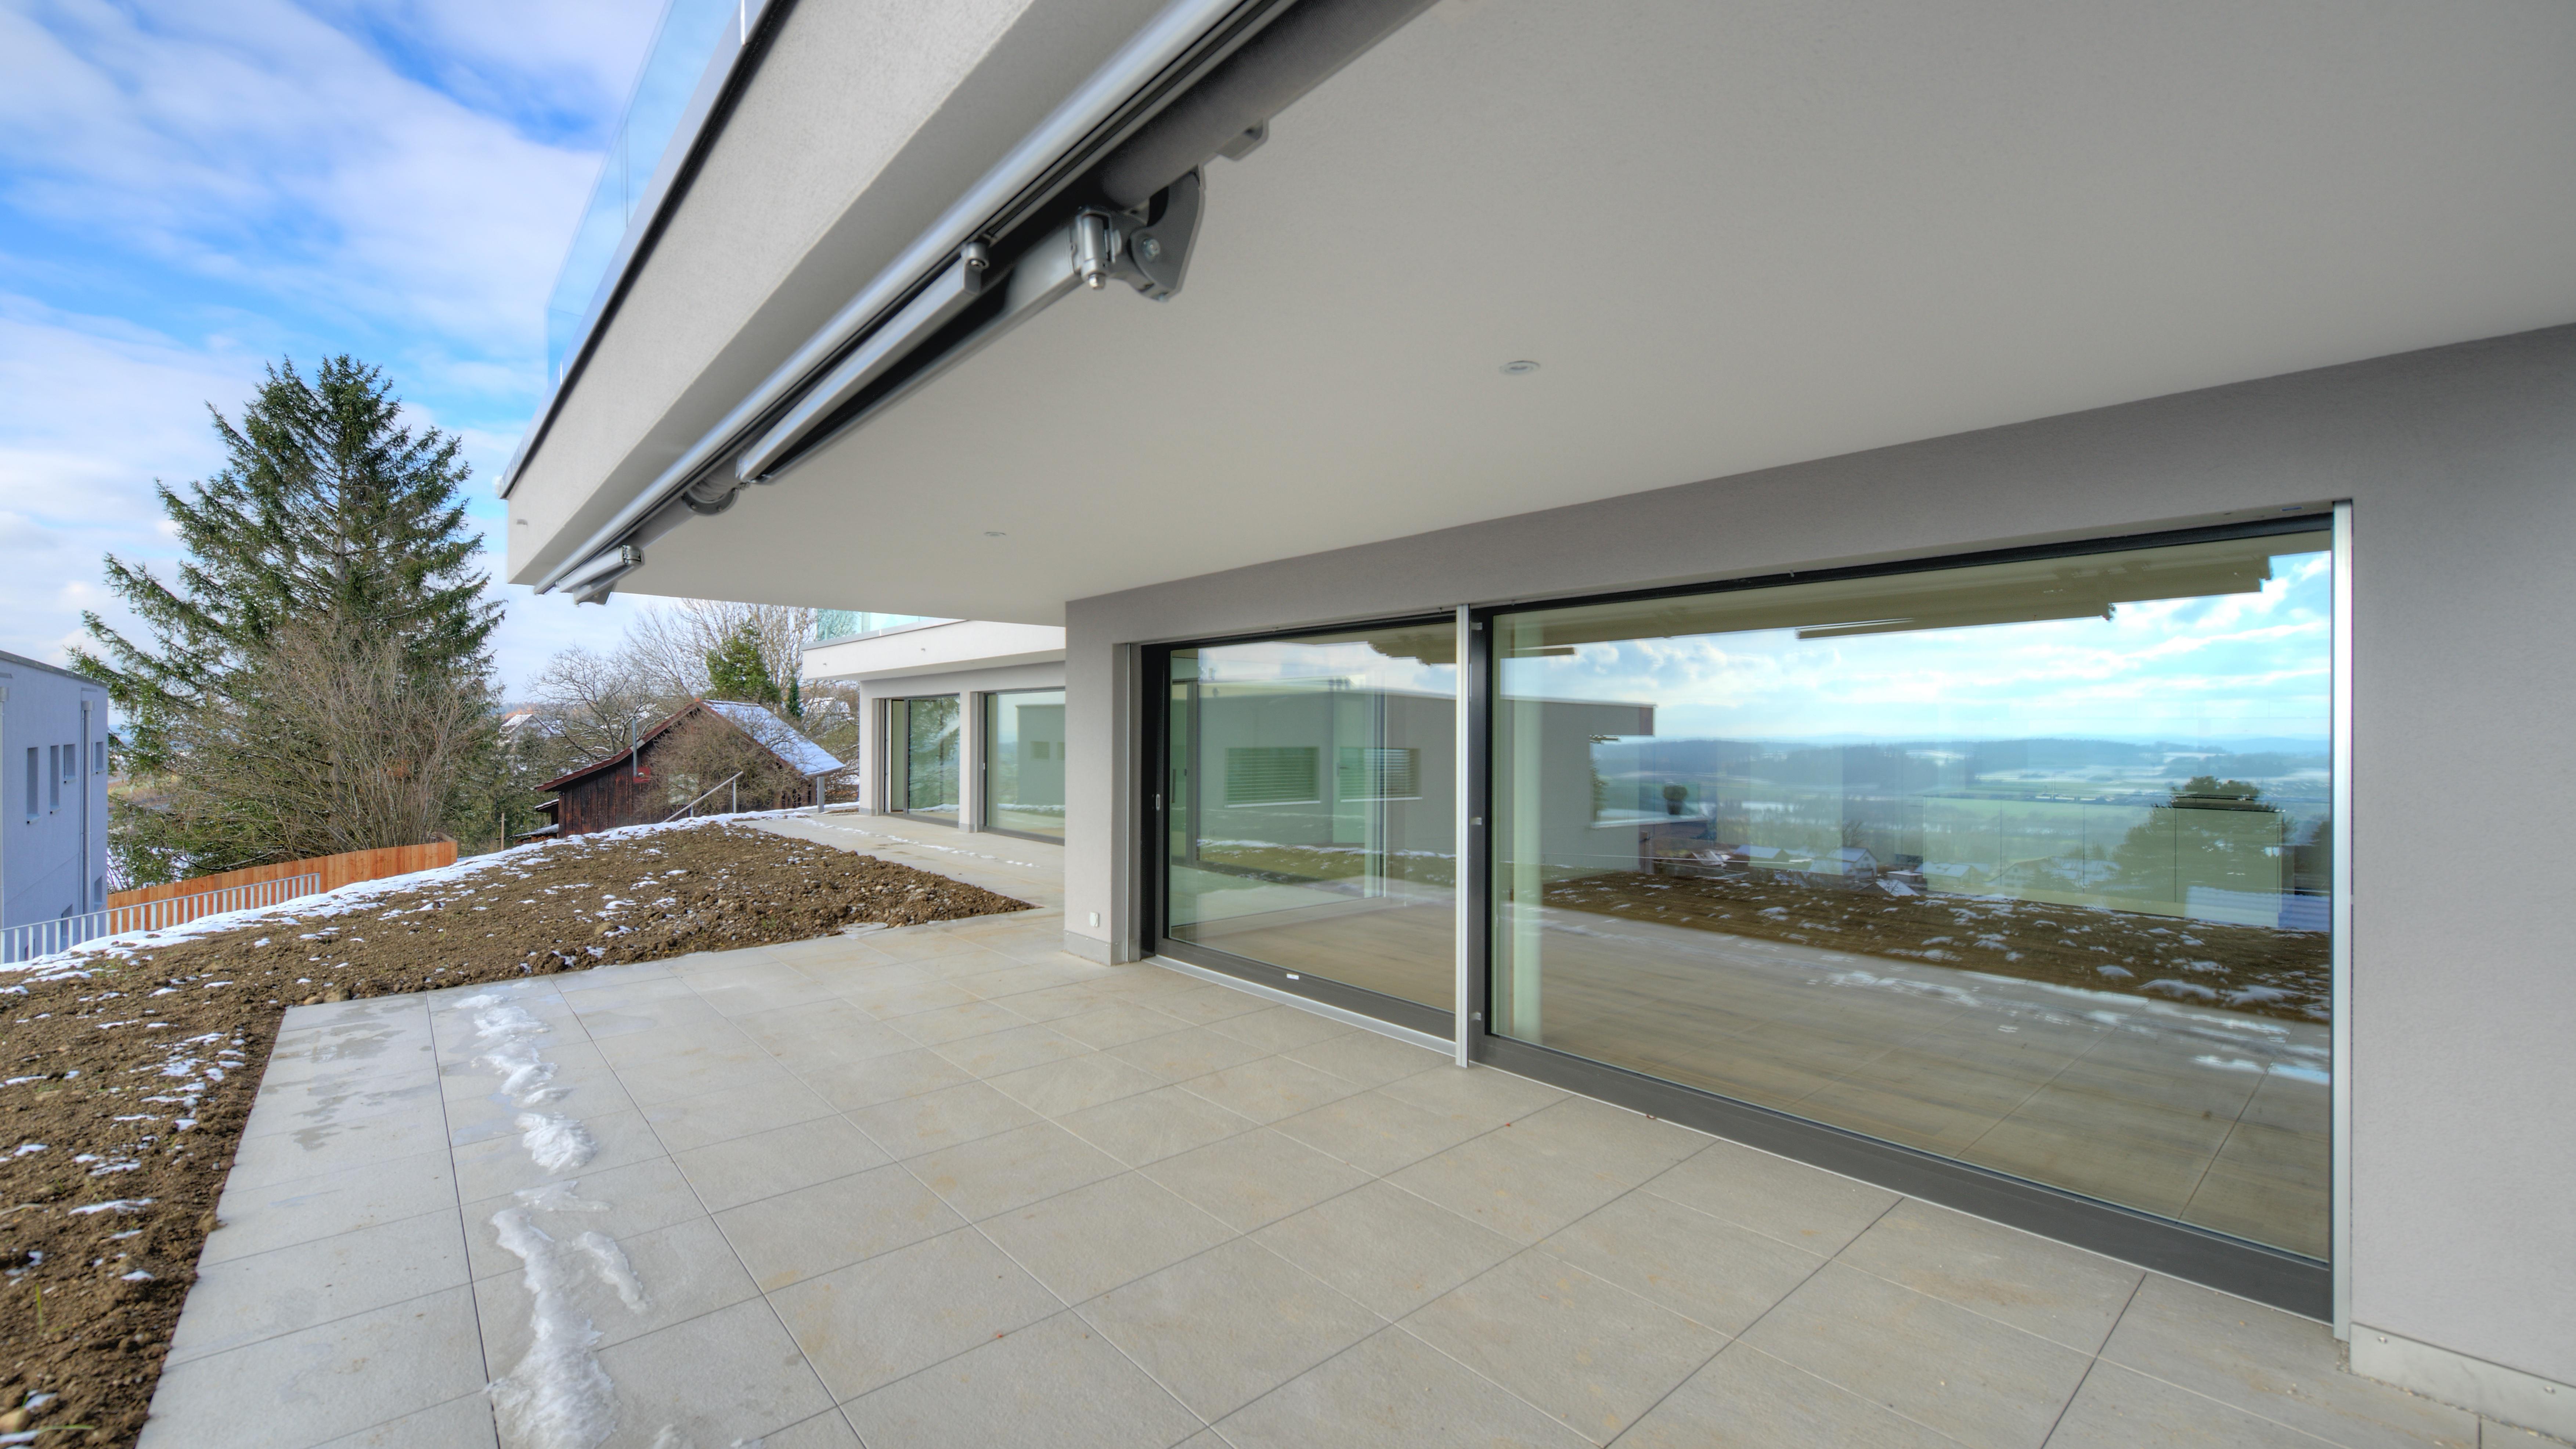 Terrasse mit dem Wohnbereich